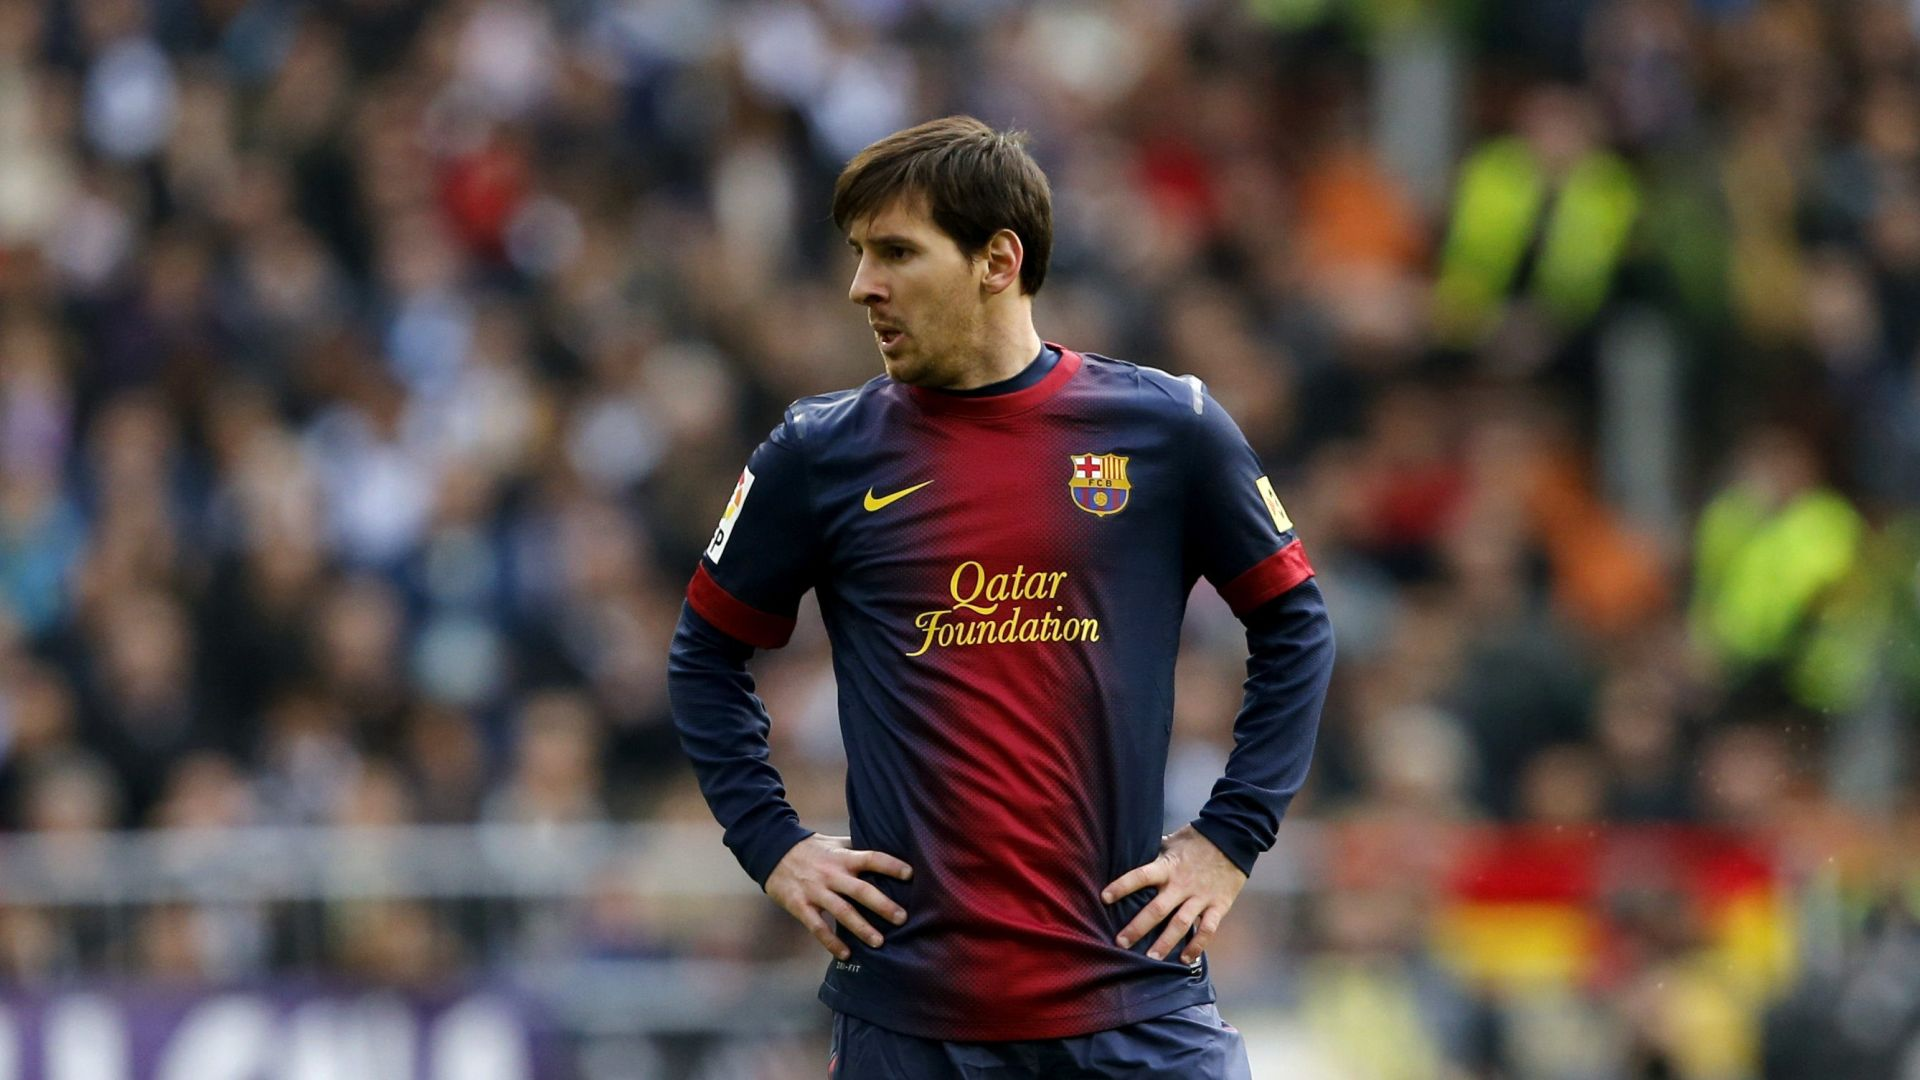 Acusado de sonegar impostos, Messi será julgado na Espanha